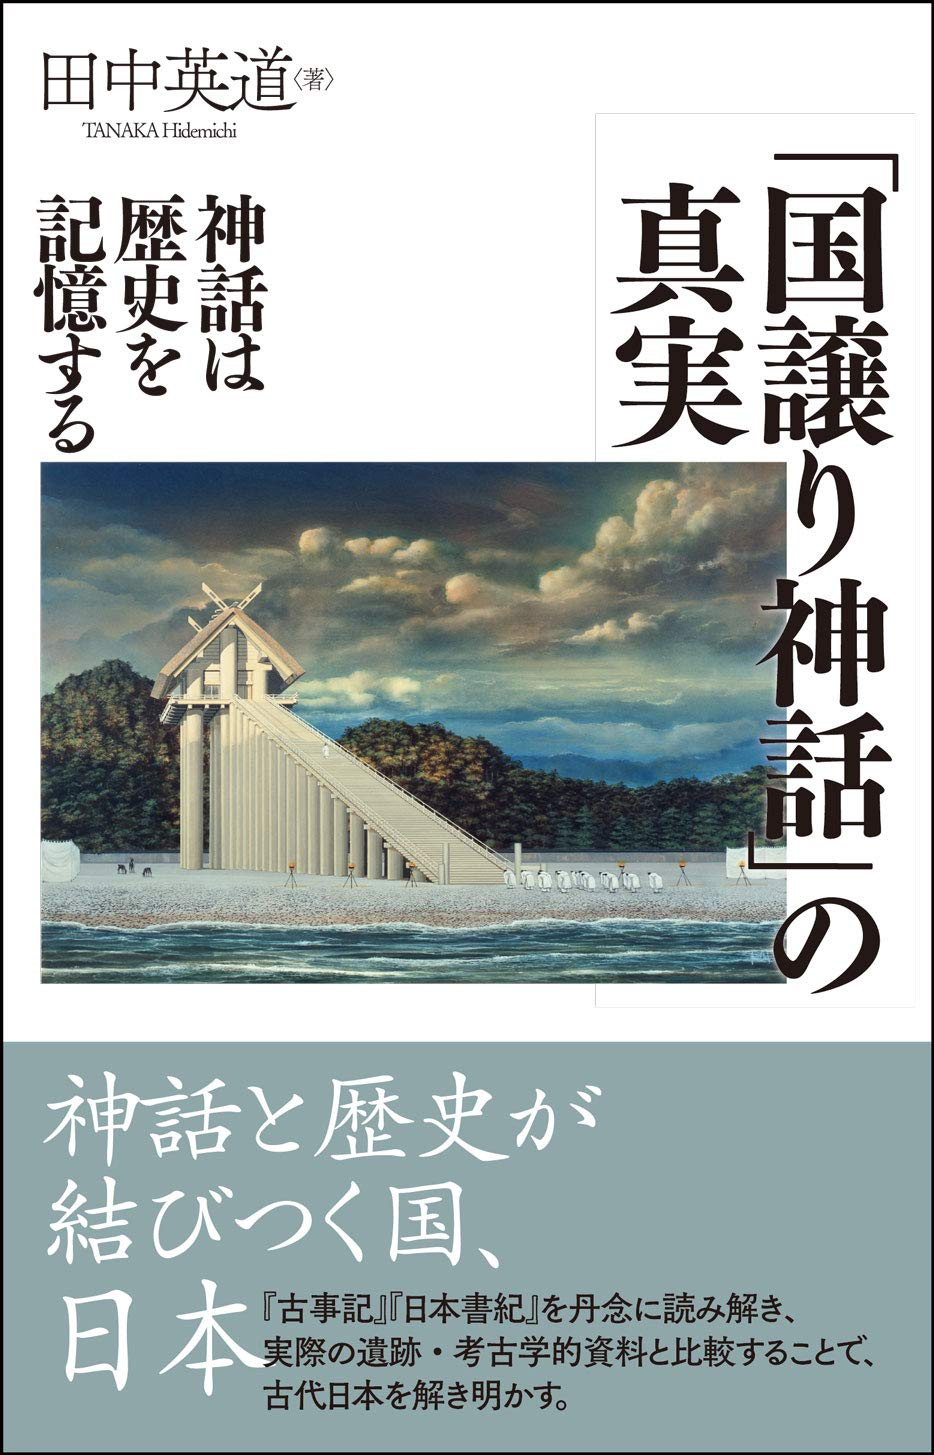 「国譲り神話」の真実―神話は歴史を記憶する (日本語) 単行本(ソフトカバー)